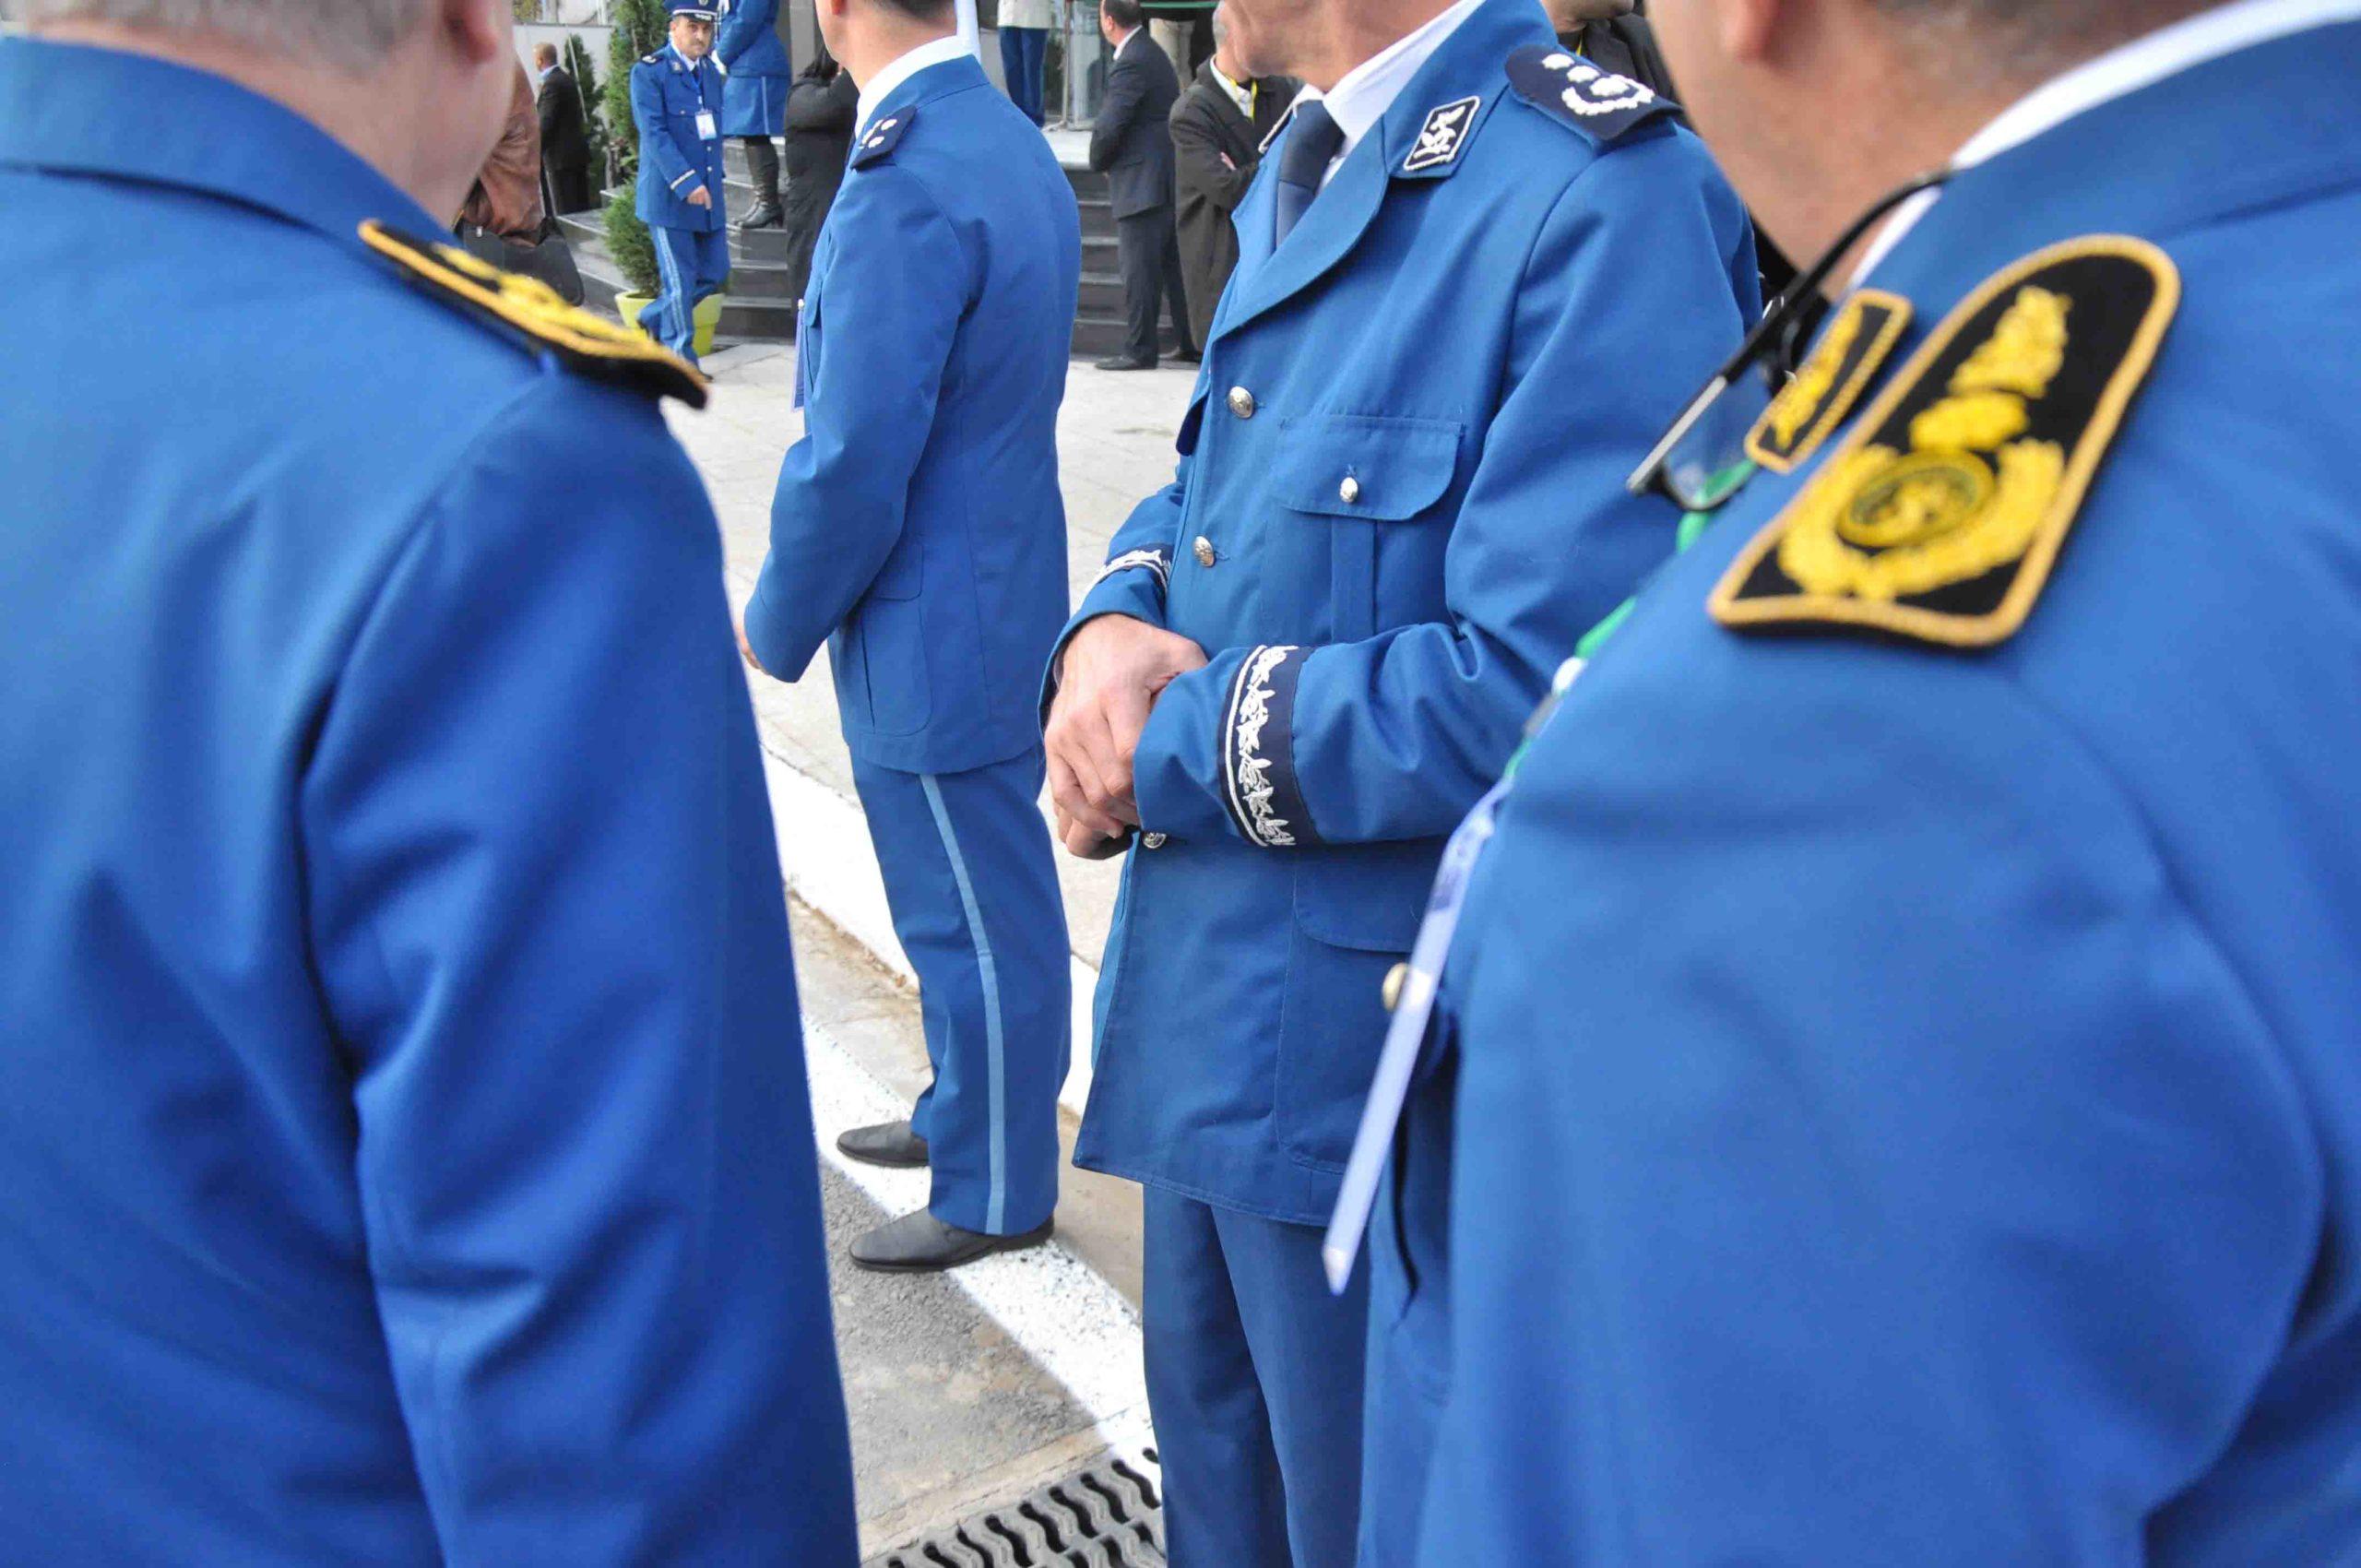 العاصمة: أعمال تخريب «سوناطراك» تُطيح بمسؤولين في الأمن